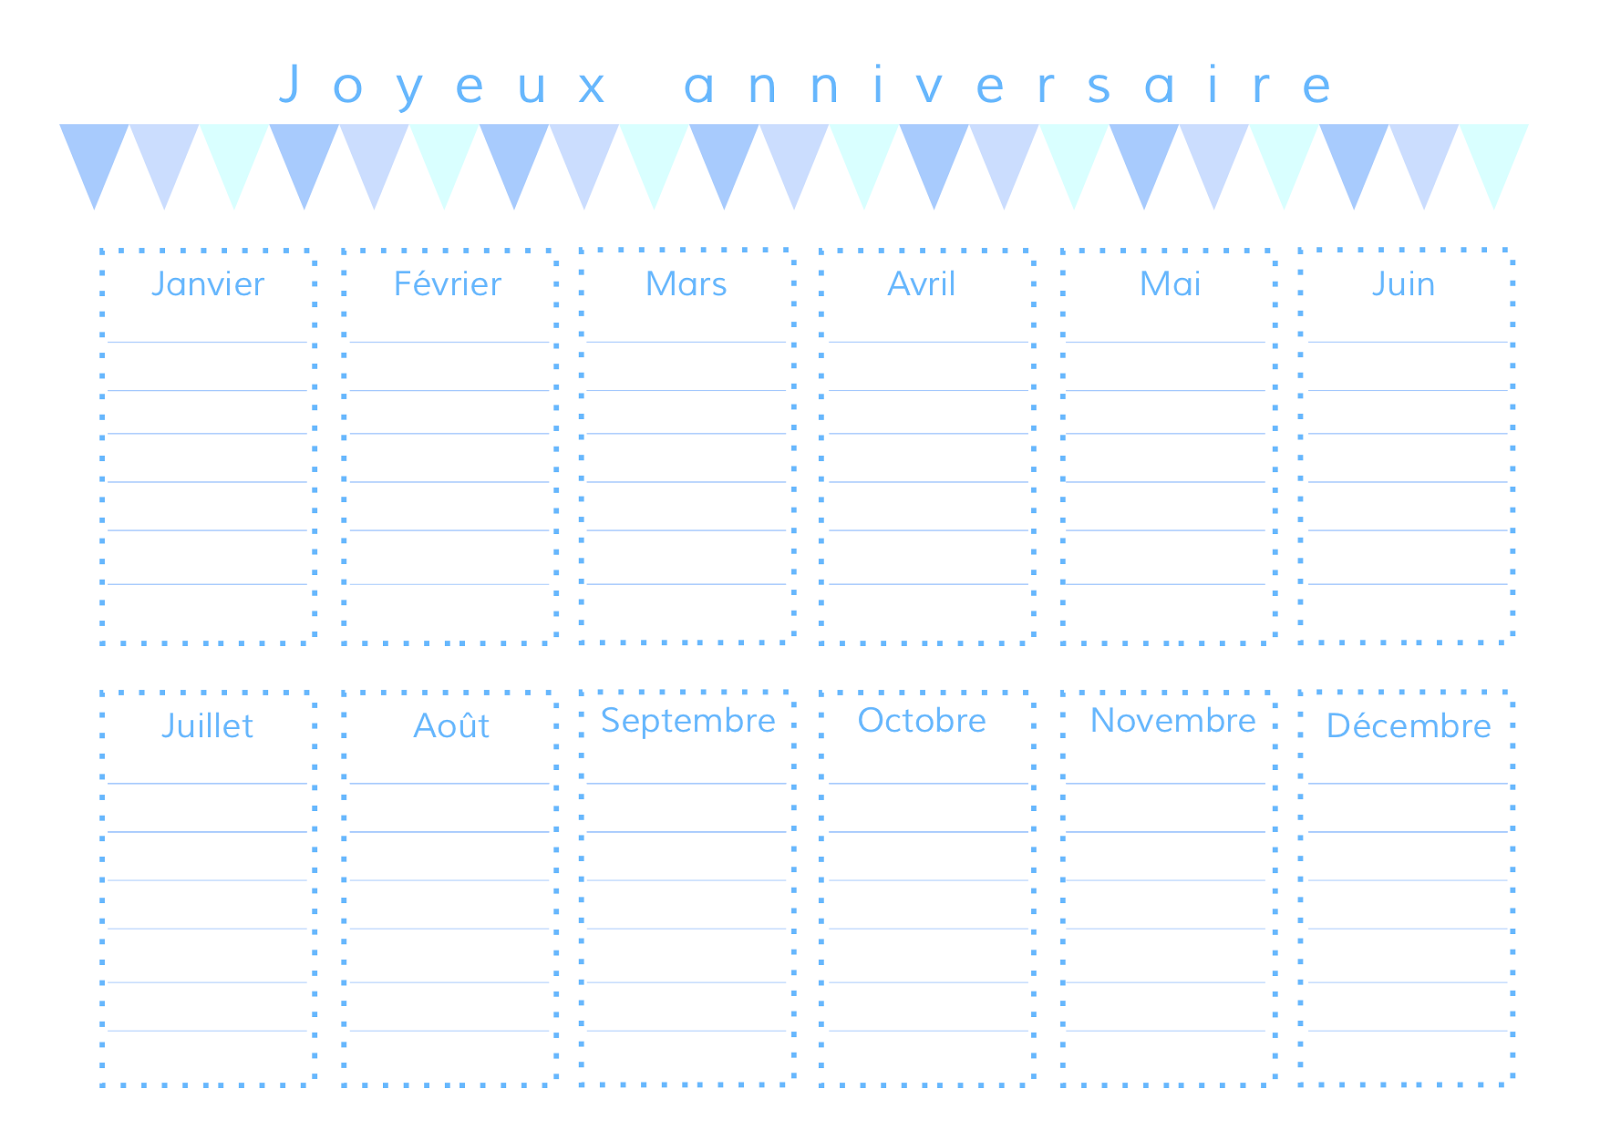 calendrier des annee de mariage - Calendrier Noce De Mariage